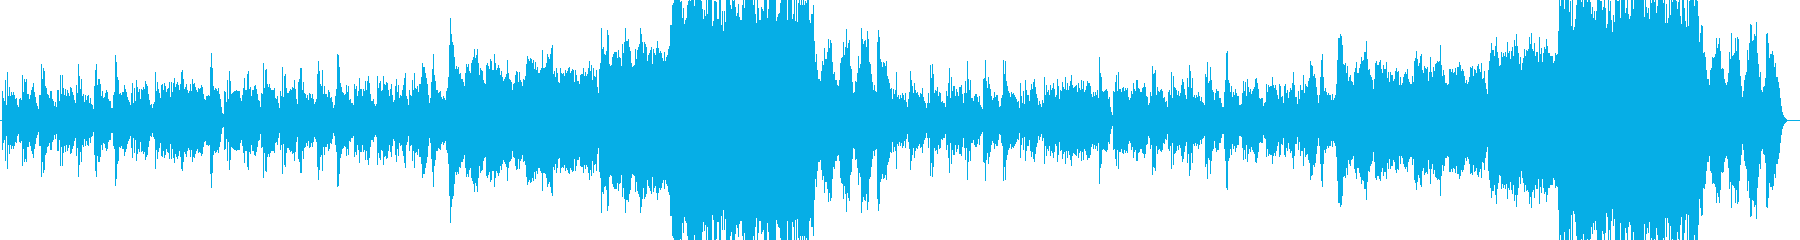 不安を掻き立てるダークなピアノメロディーの再生済みの波形